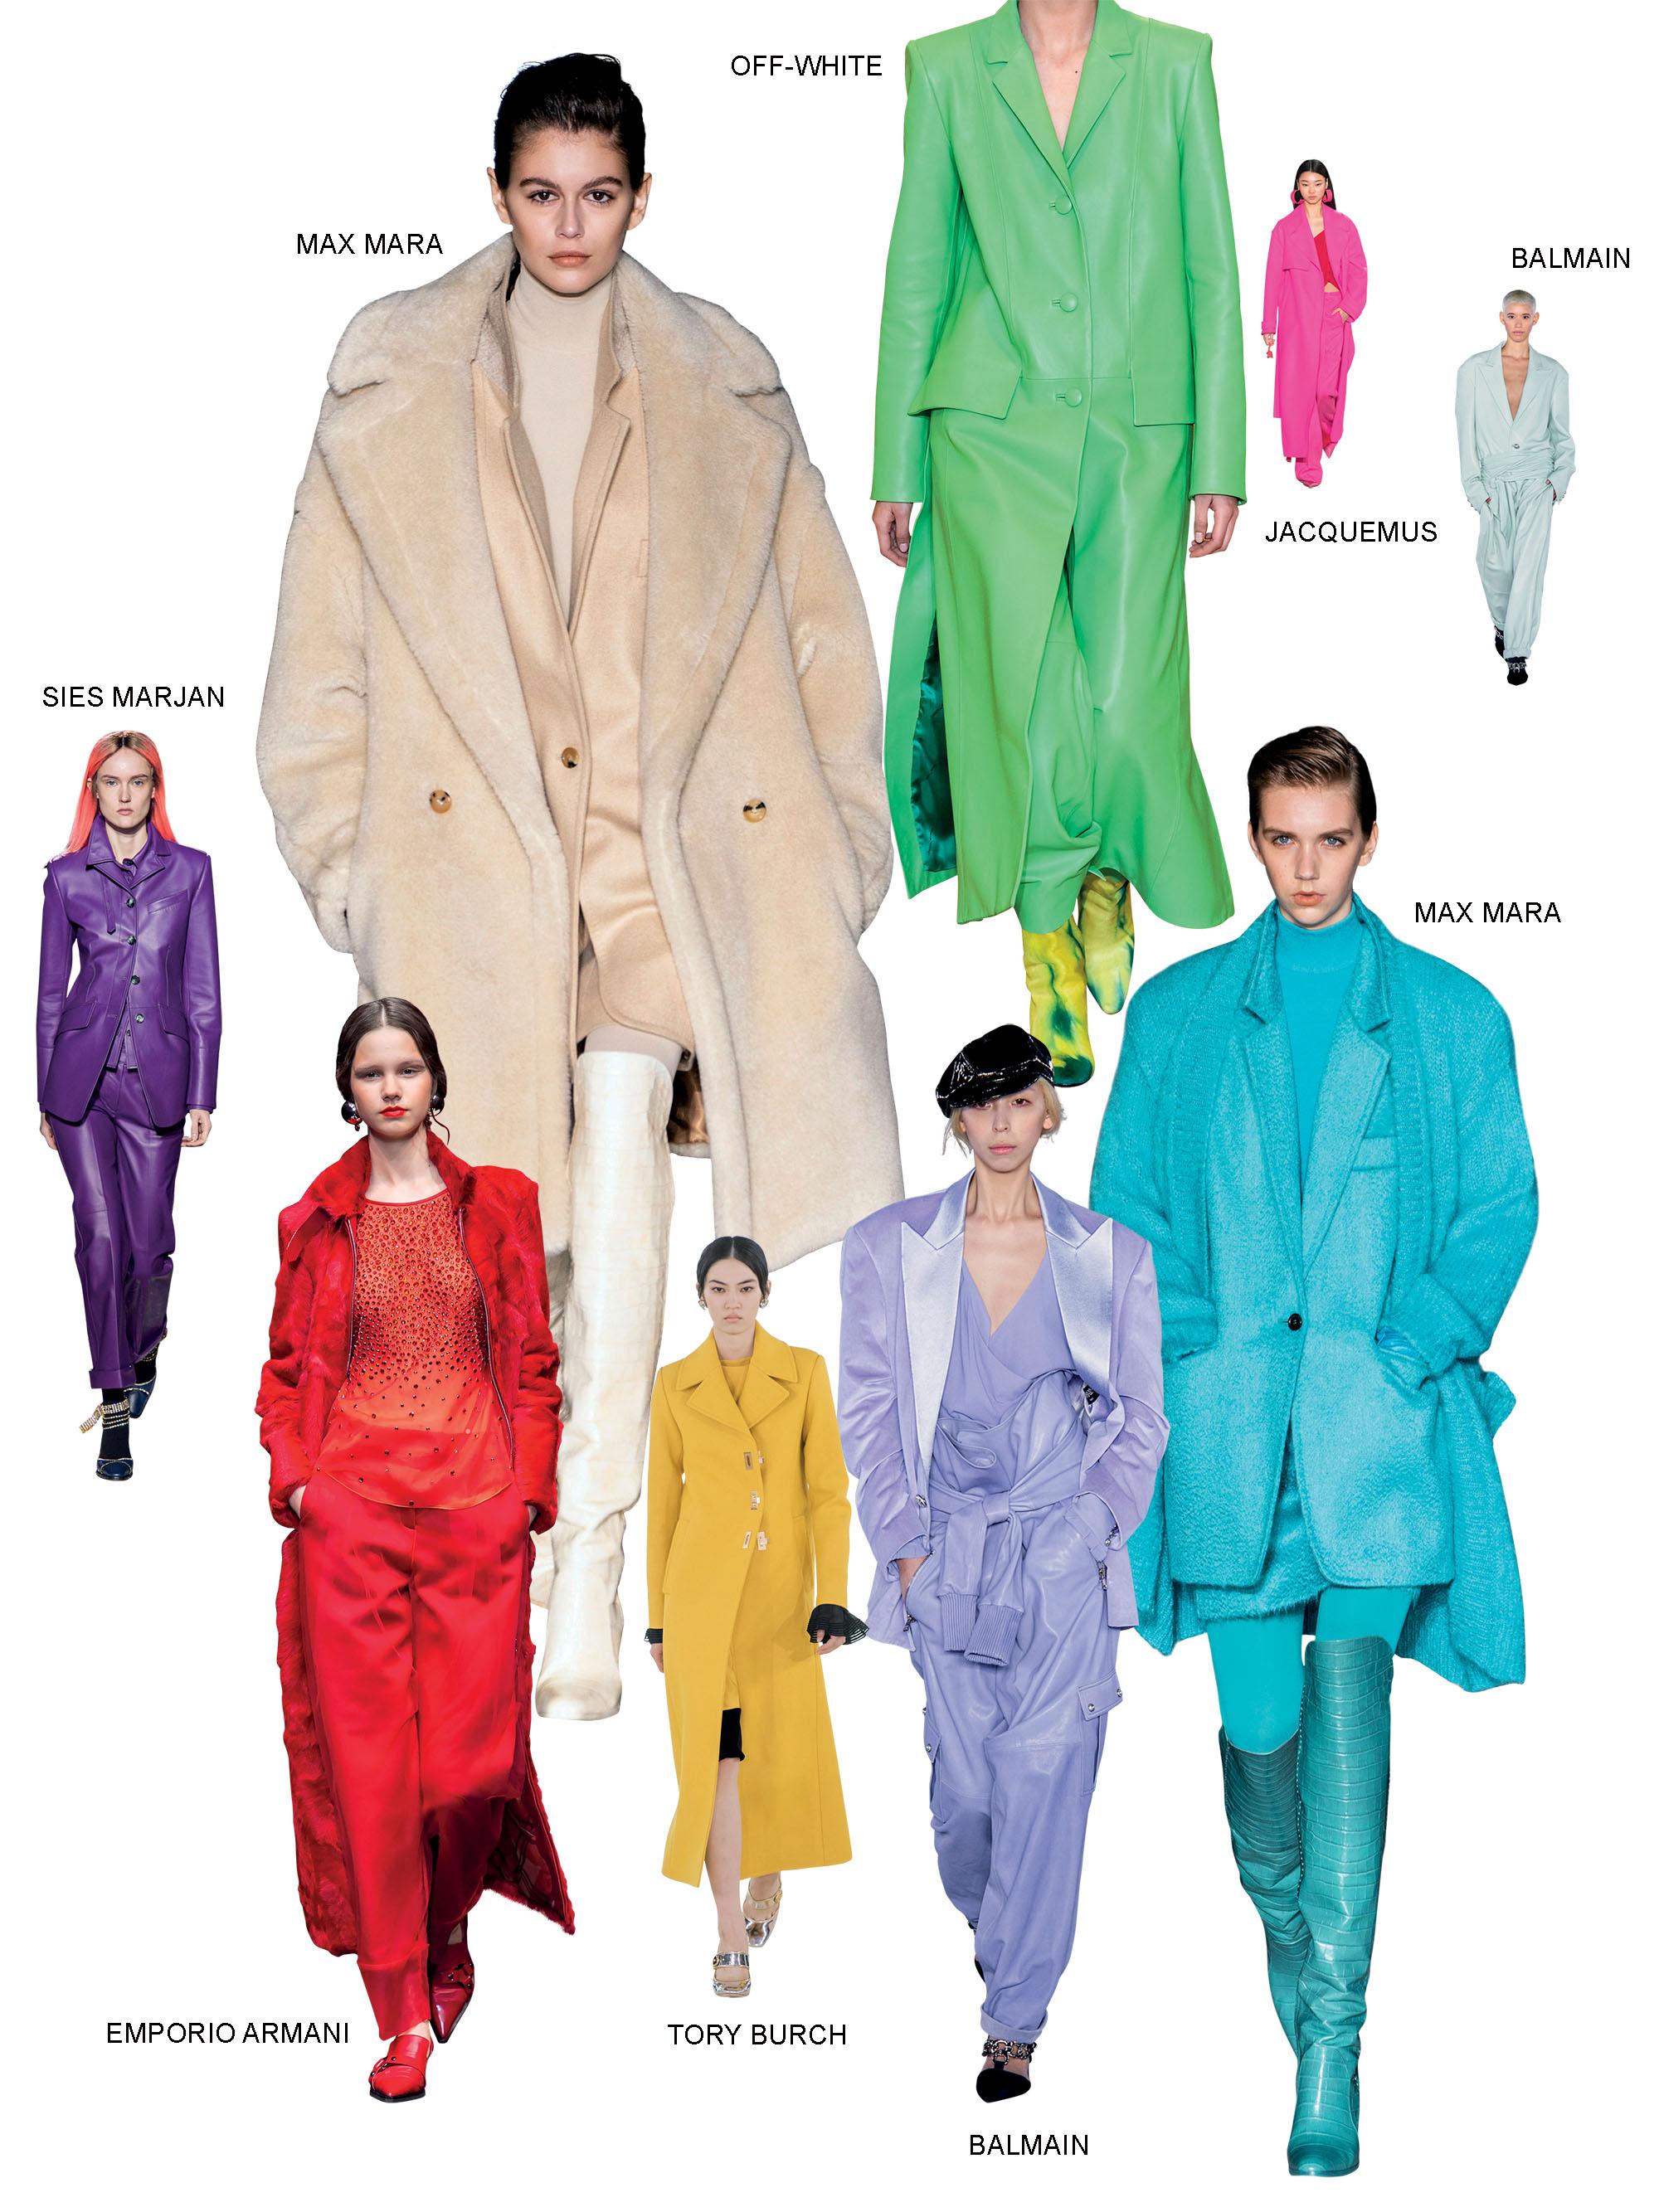 xu hướng thời trang nổi bật mùa thu đông 2019 2